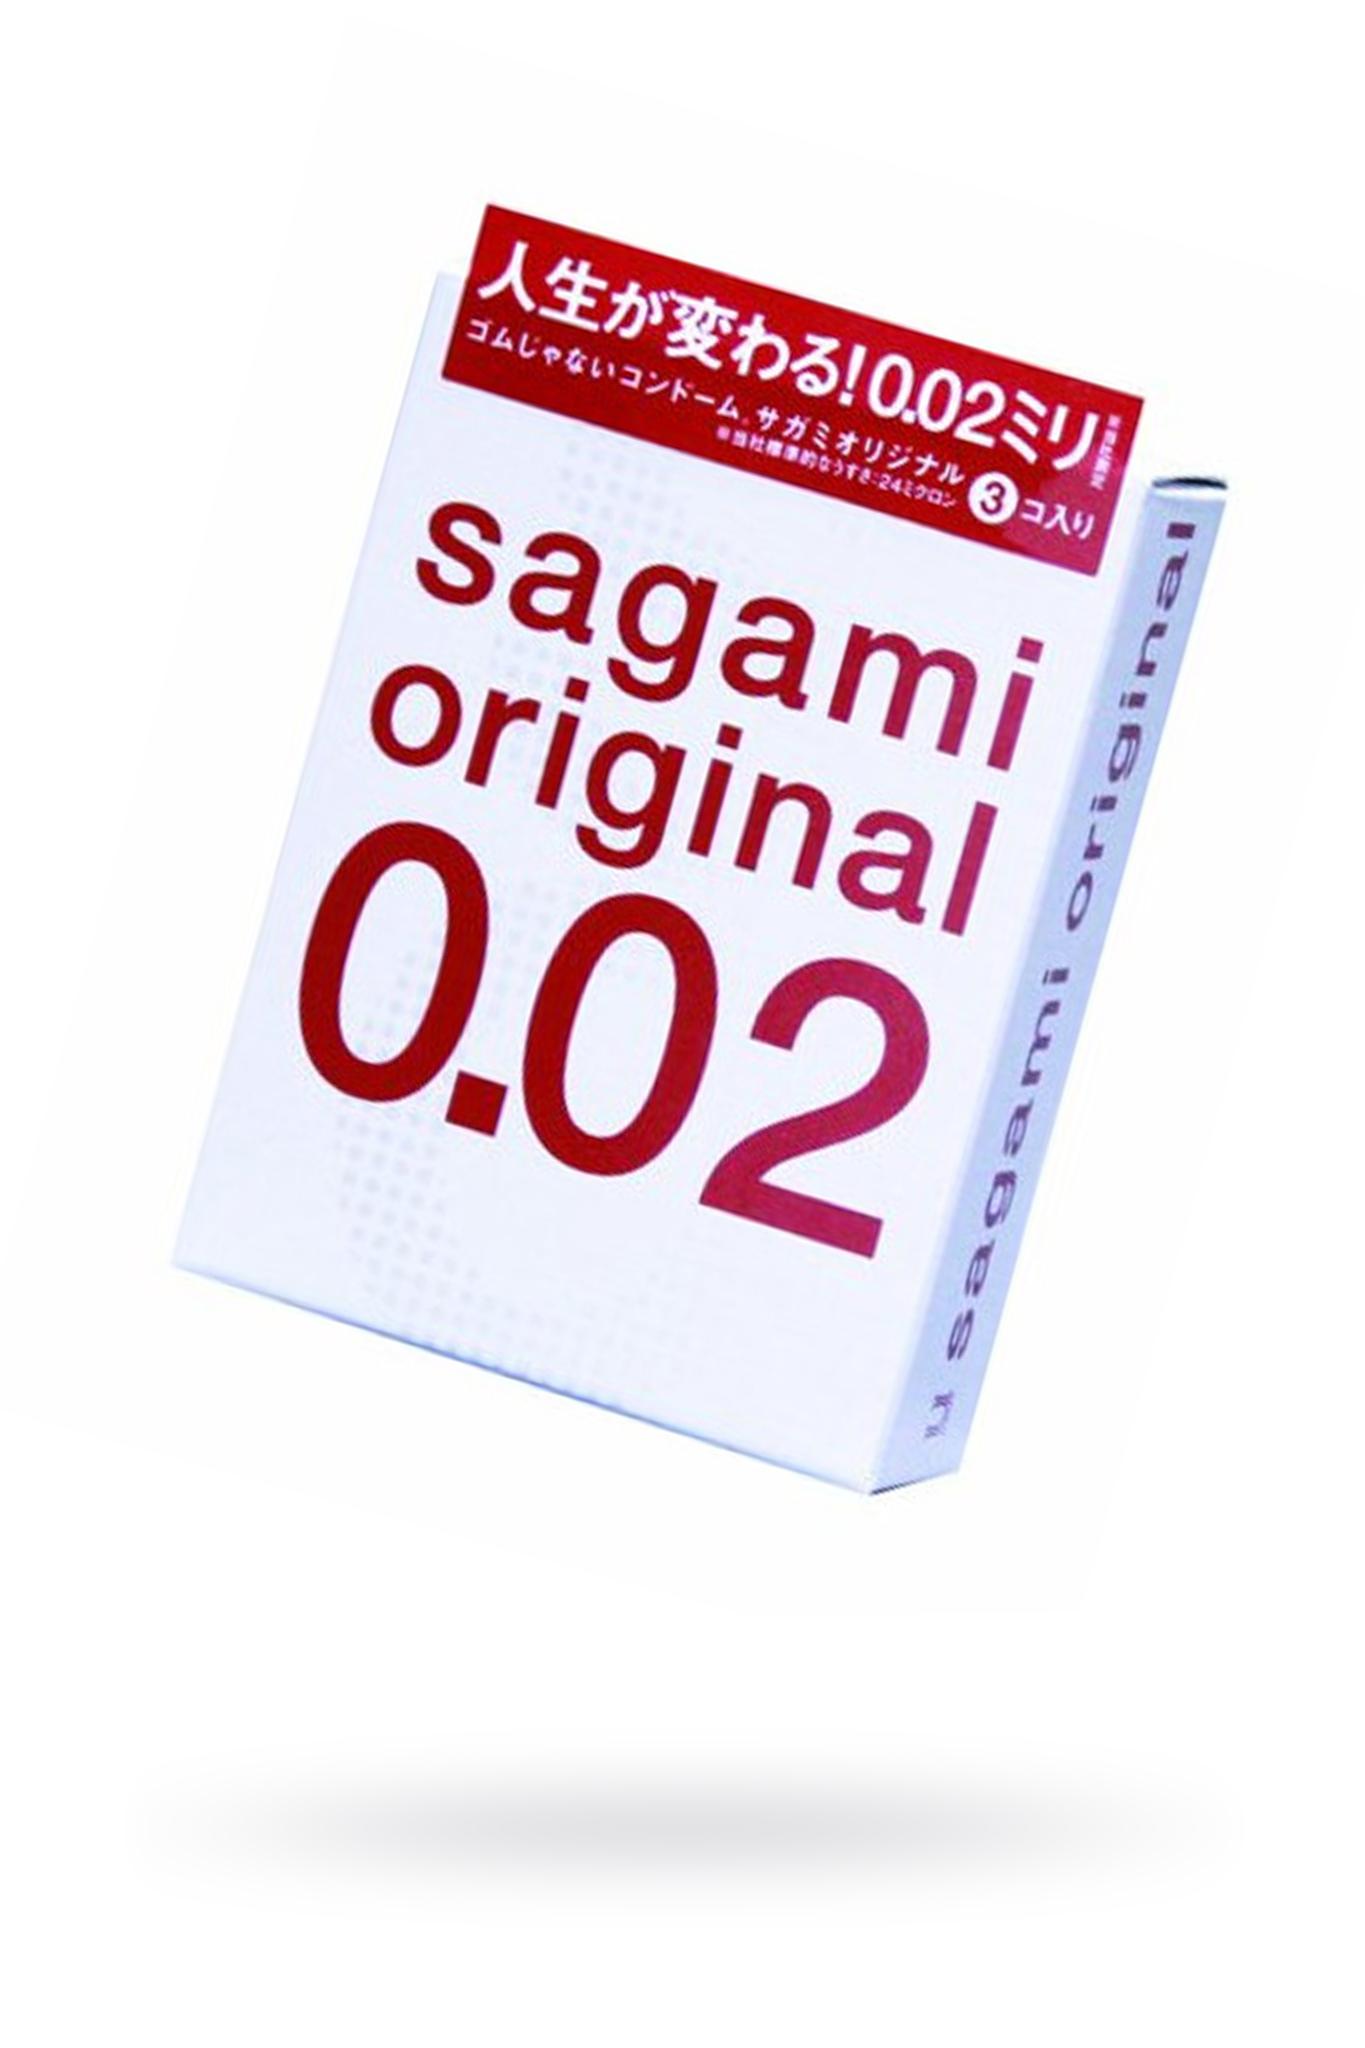 Презервативы Sagami Original 0.02  УЛЬТРАТОНКИЕ,гладкие №3 фото